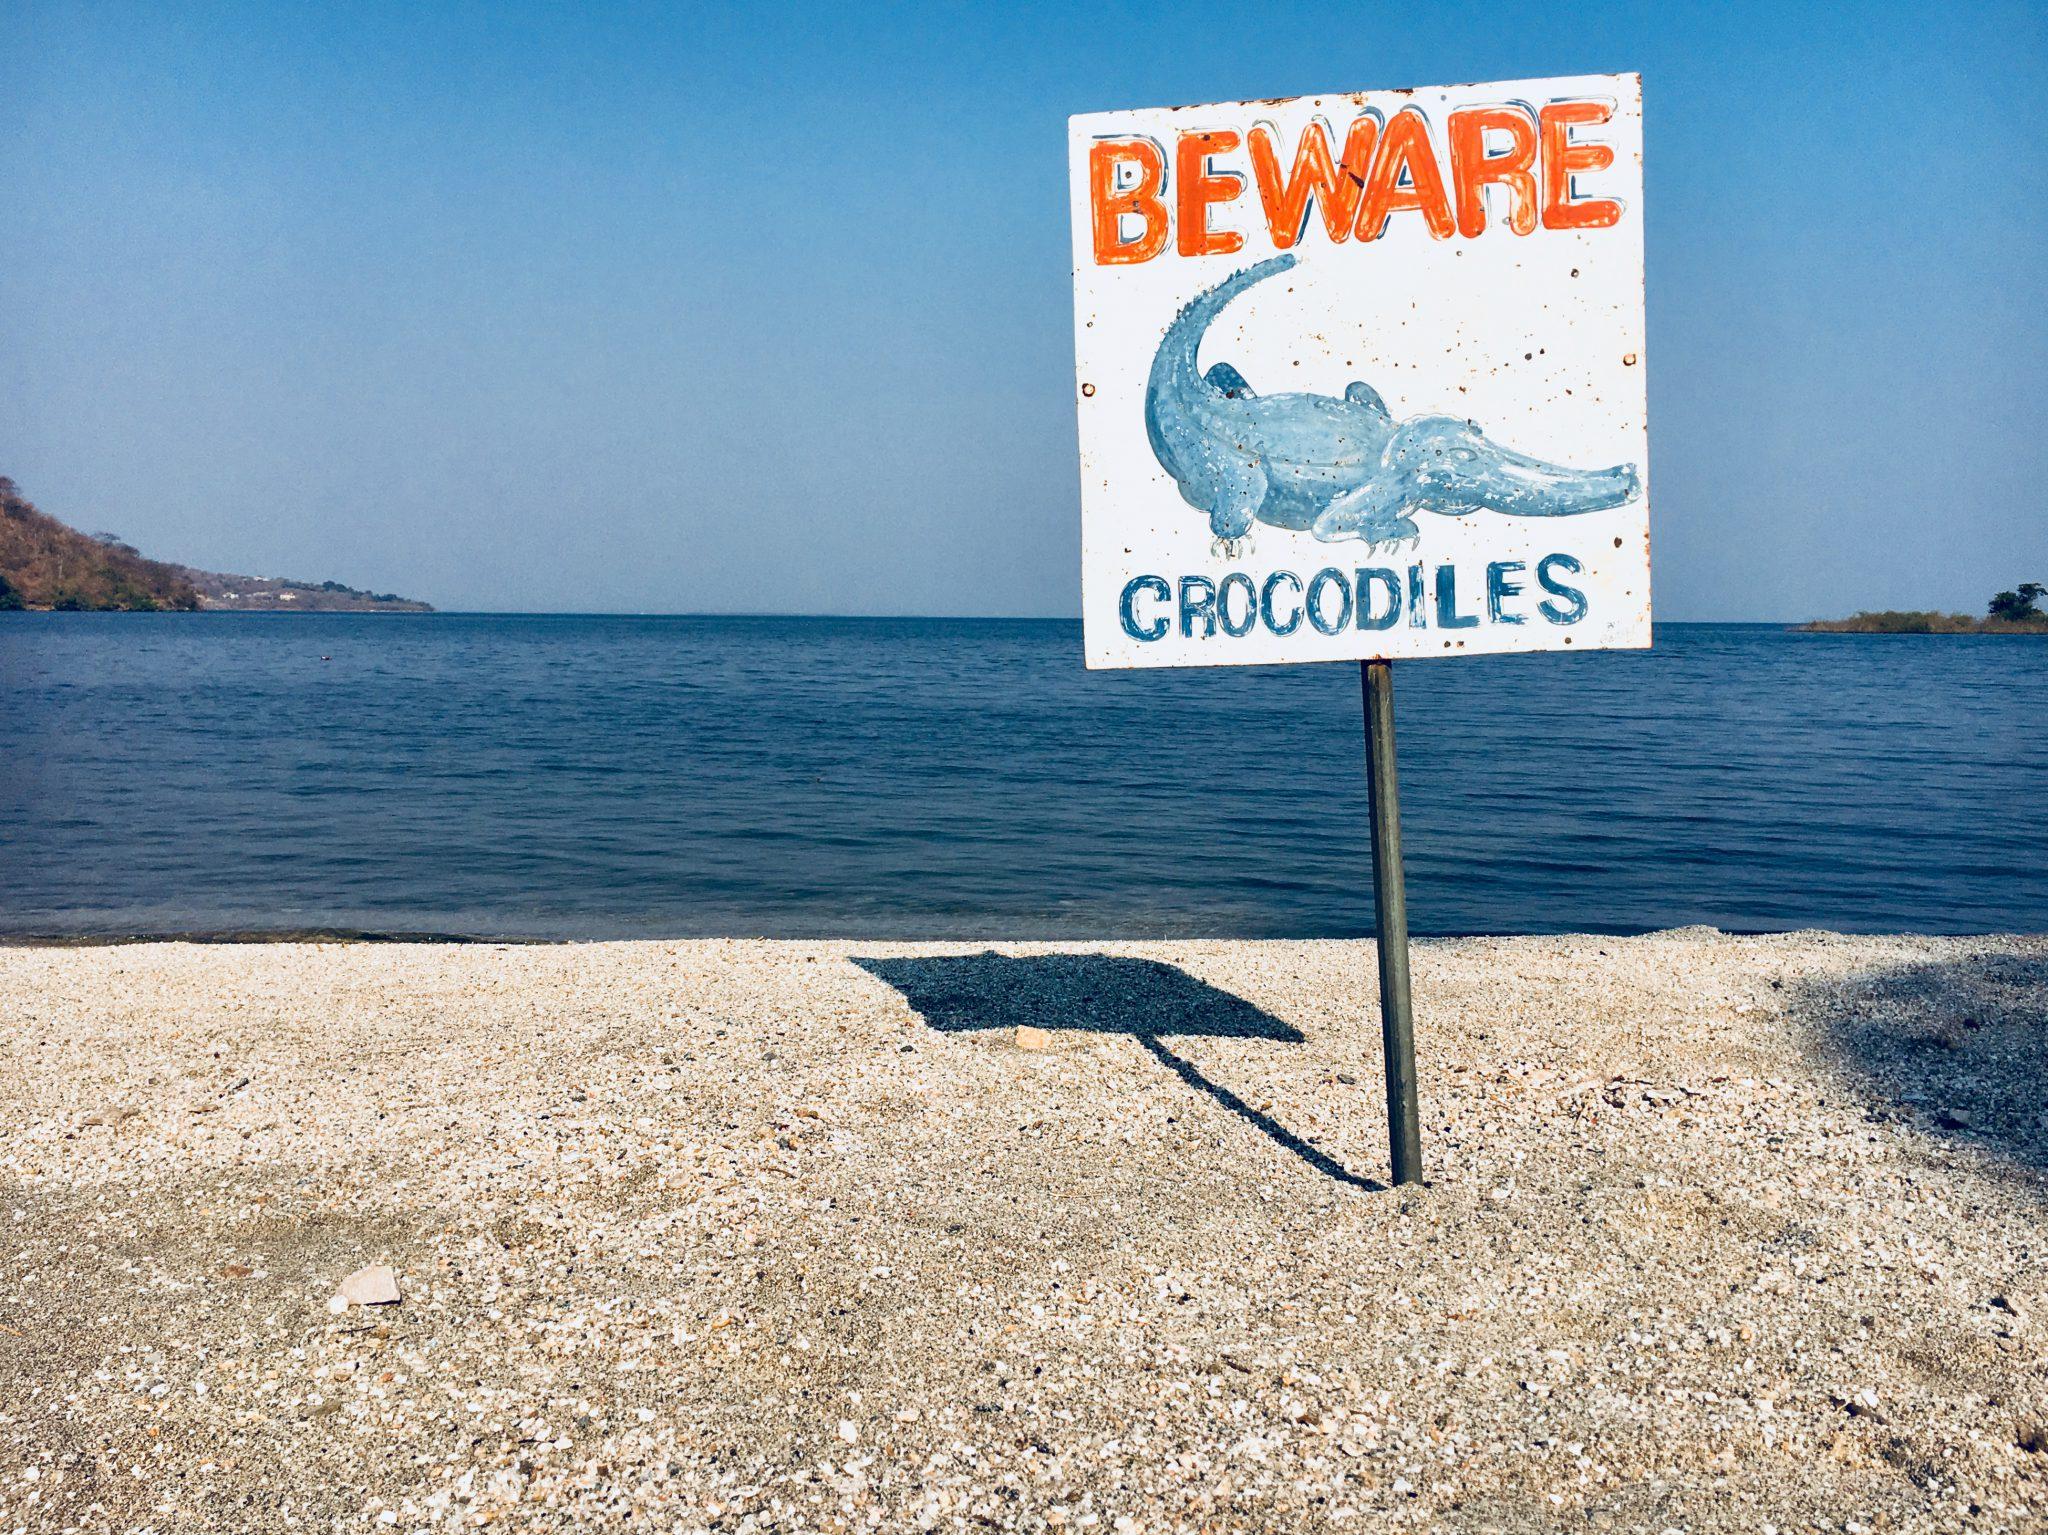 Beware! Crocodiles, Lake Kariba, Zambia.